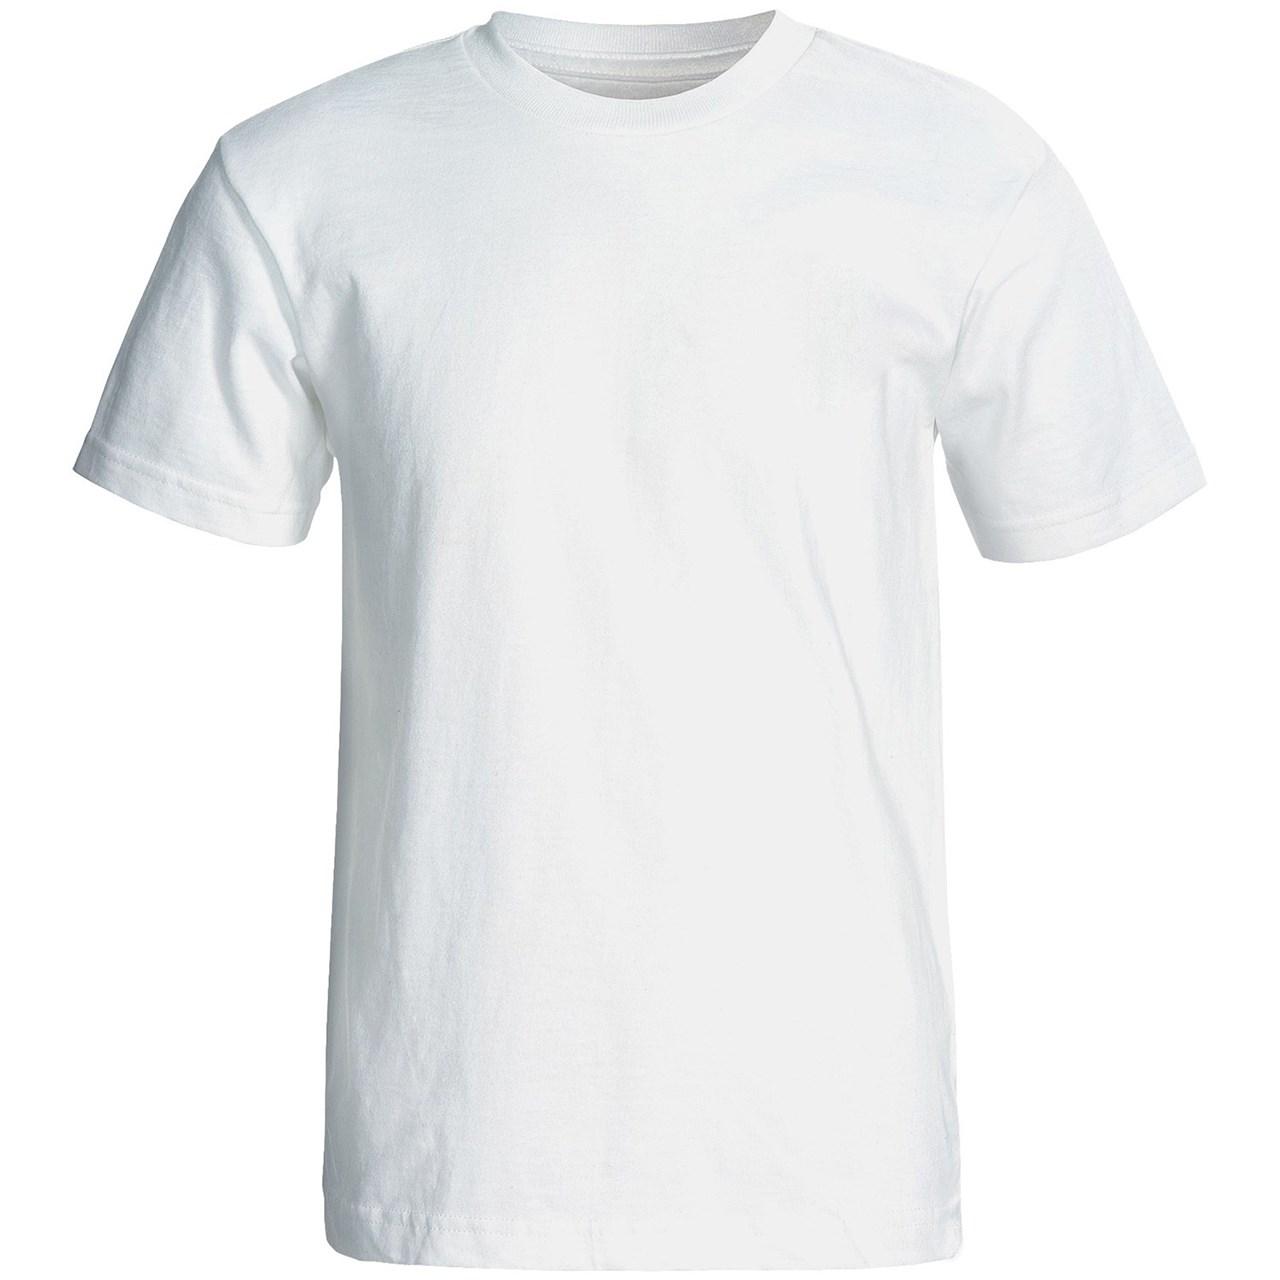 قیمت تی شرت سفید پارس